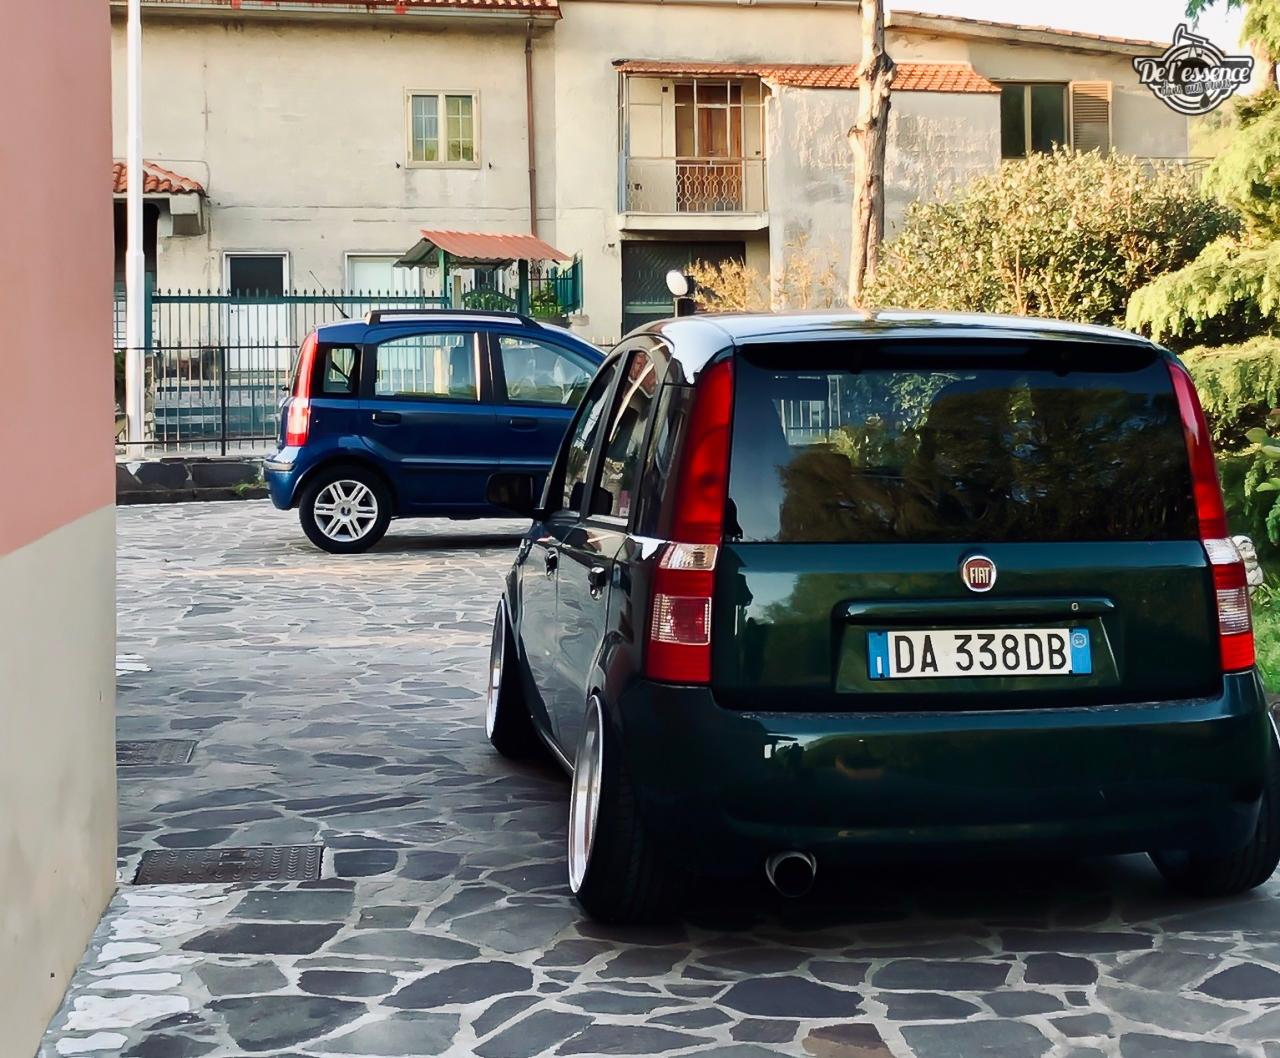 #Stance Discount - Buccaccio Gang #1 - Fiat Panda 10